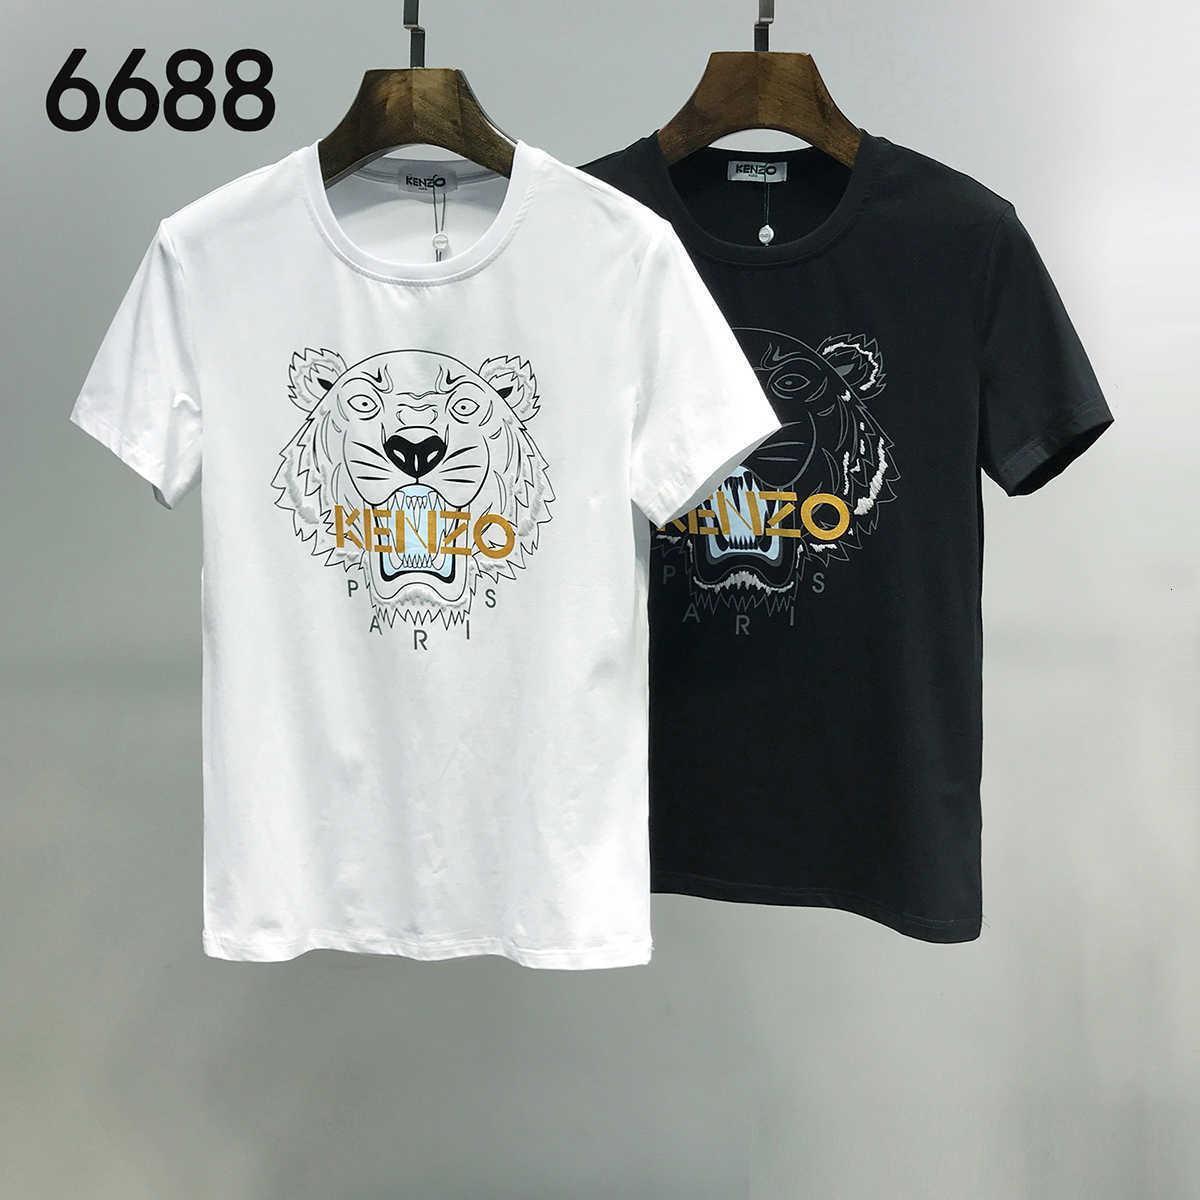 Популярные Новое прибытие Оригинальный дизайн мужчины и женщины футболки Чистый хлопок Короткие рукава Tops Tshirt Изысканный печати Идеальное качество